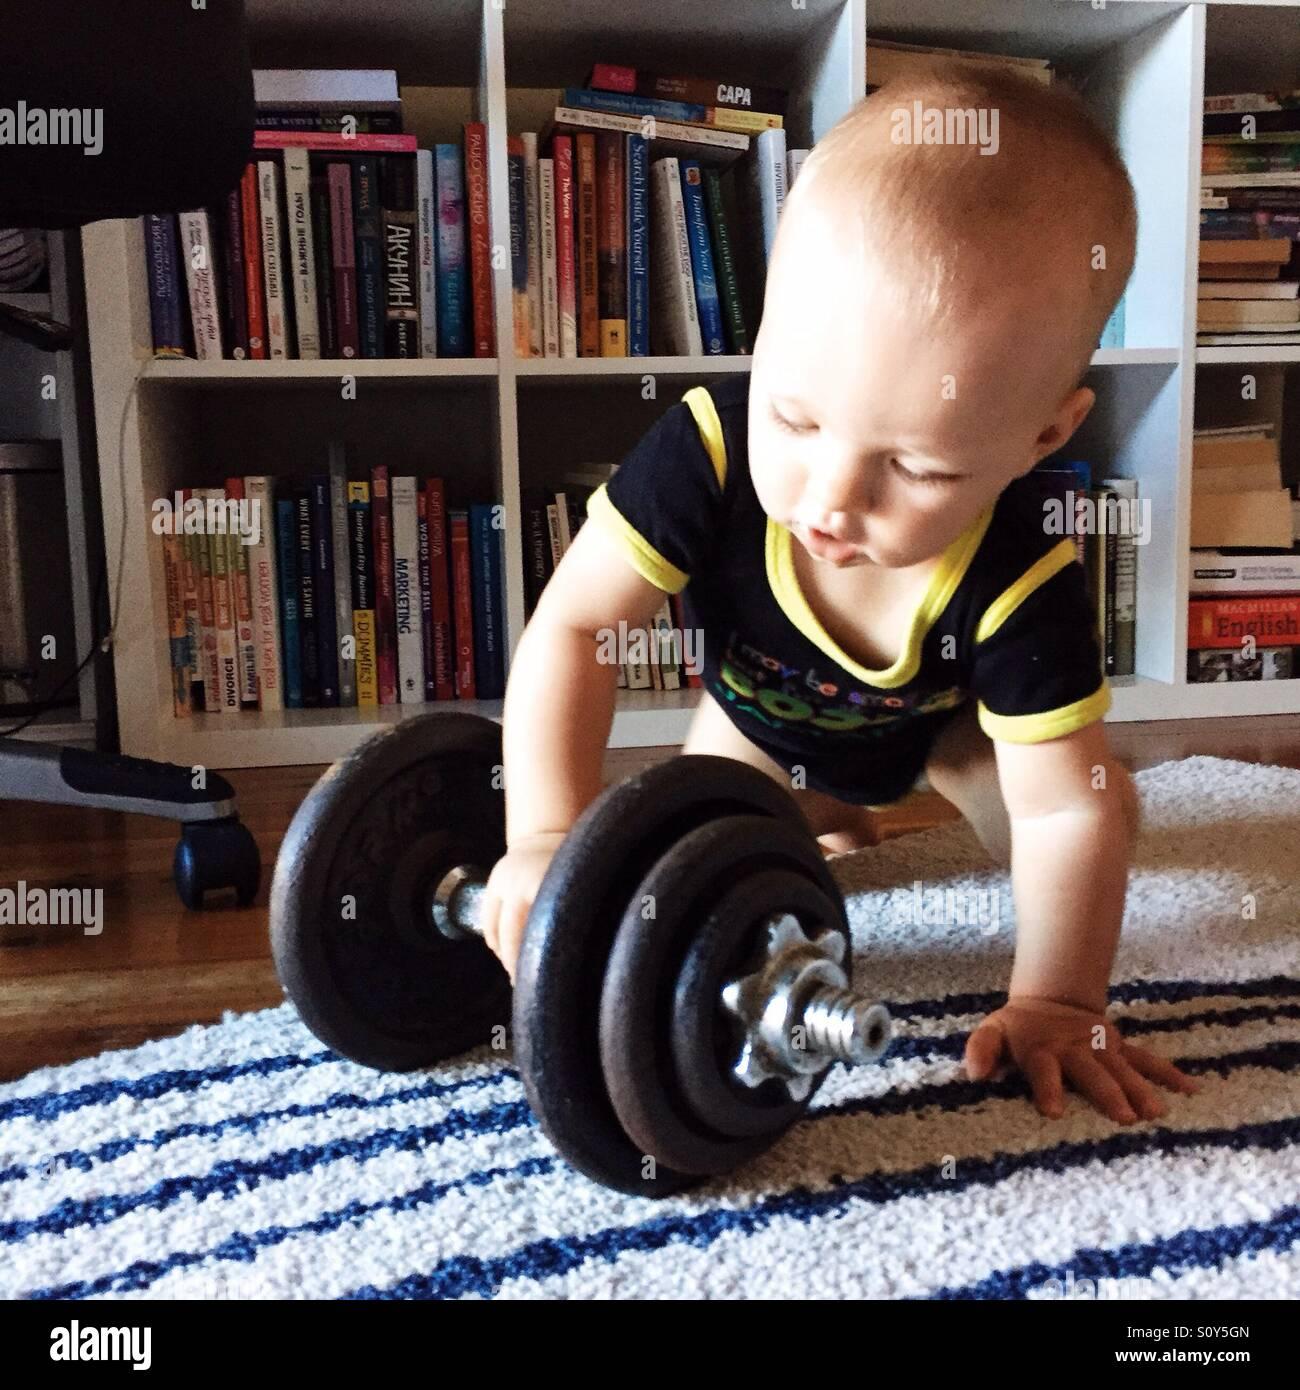 Criança brincando com equipamento de ginásio Imagens de Stock